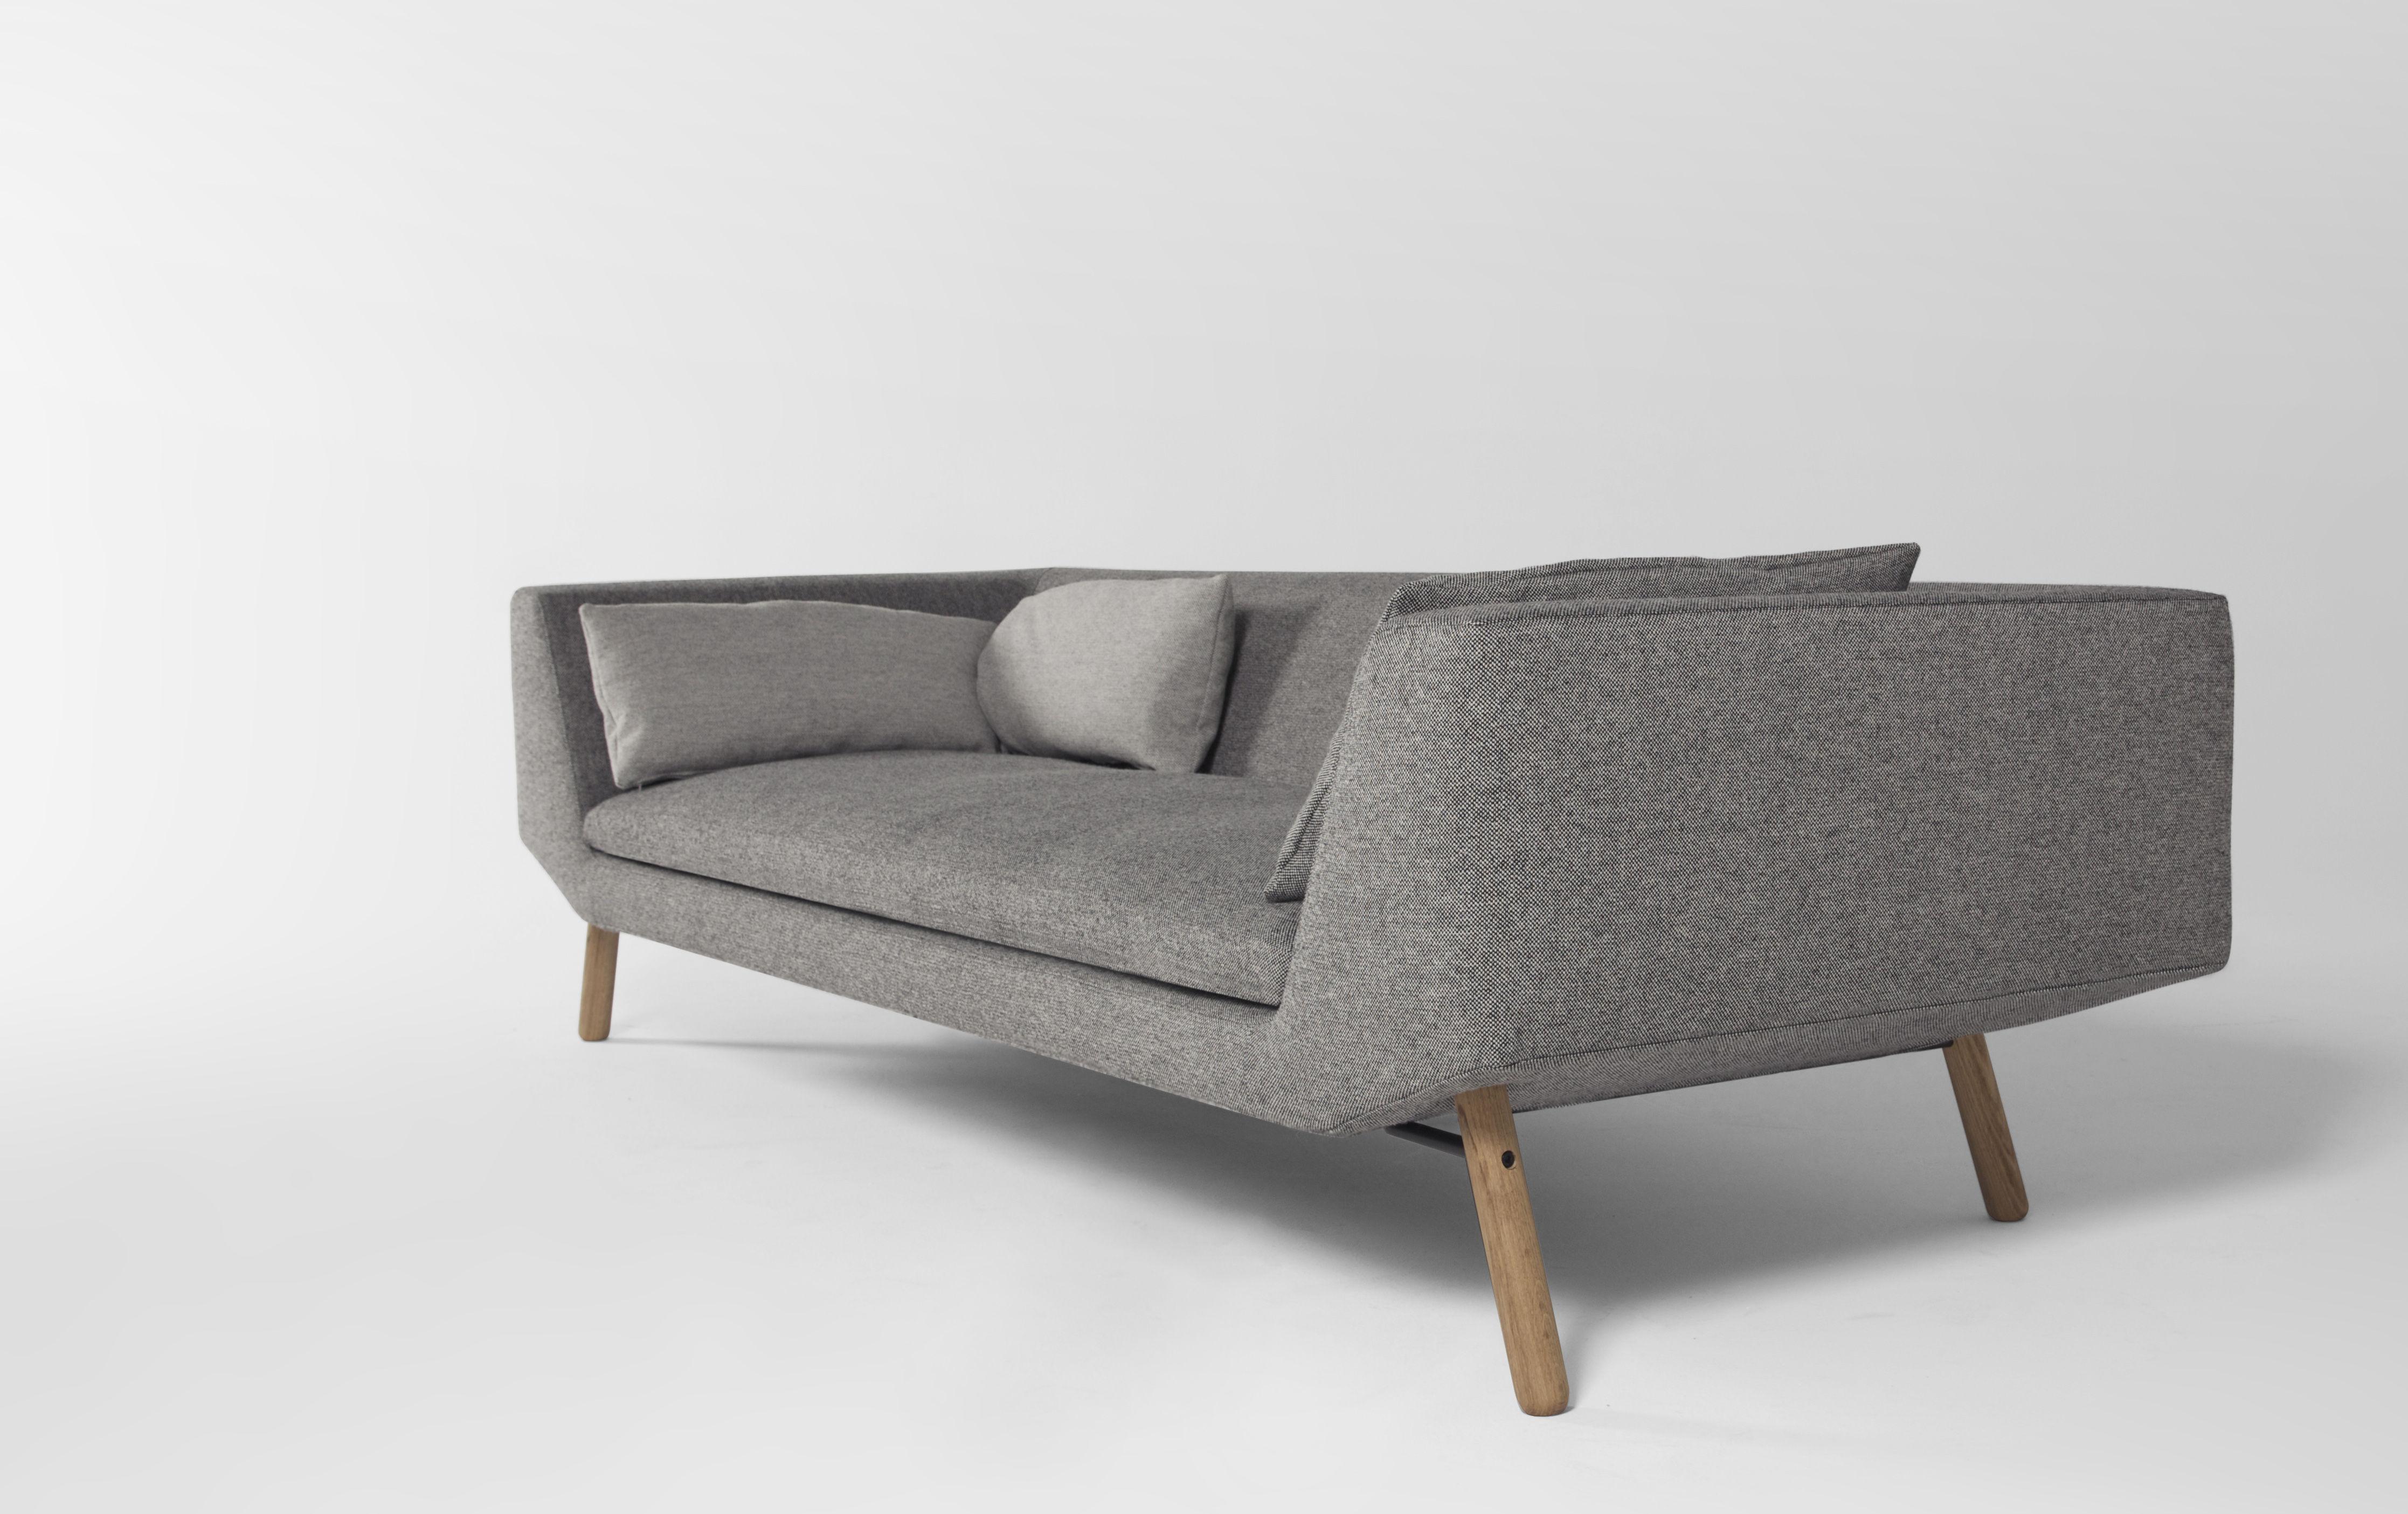 canap droit combine 3 places l 240 cm gris pi tement ch ne prostoria ltd. Black Bedroom Furniture Sets. Home Design Ideas